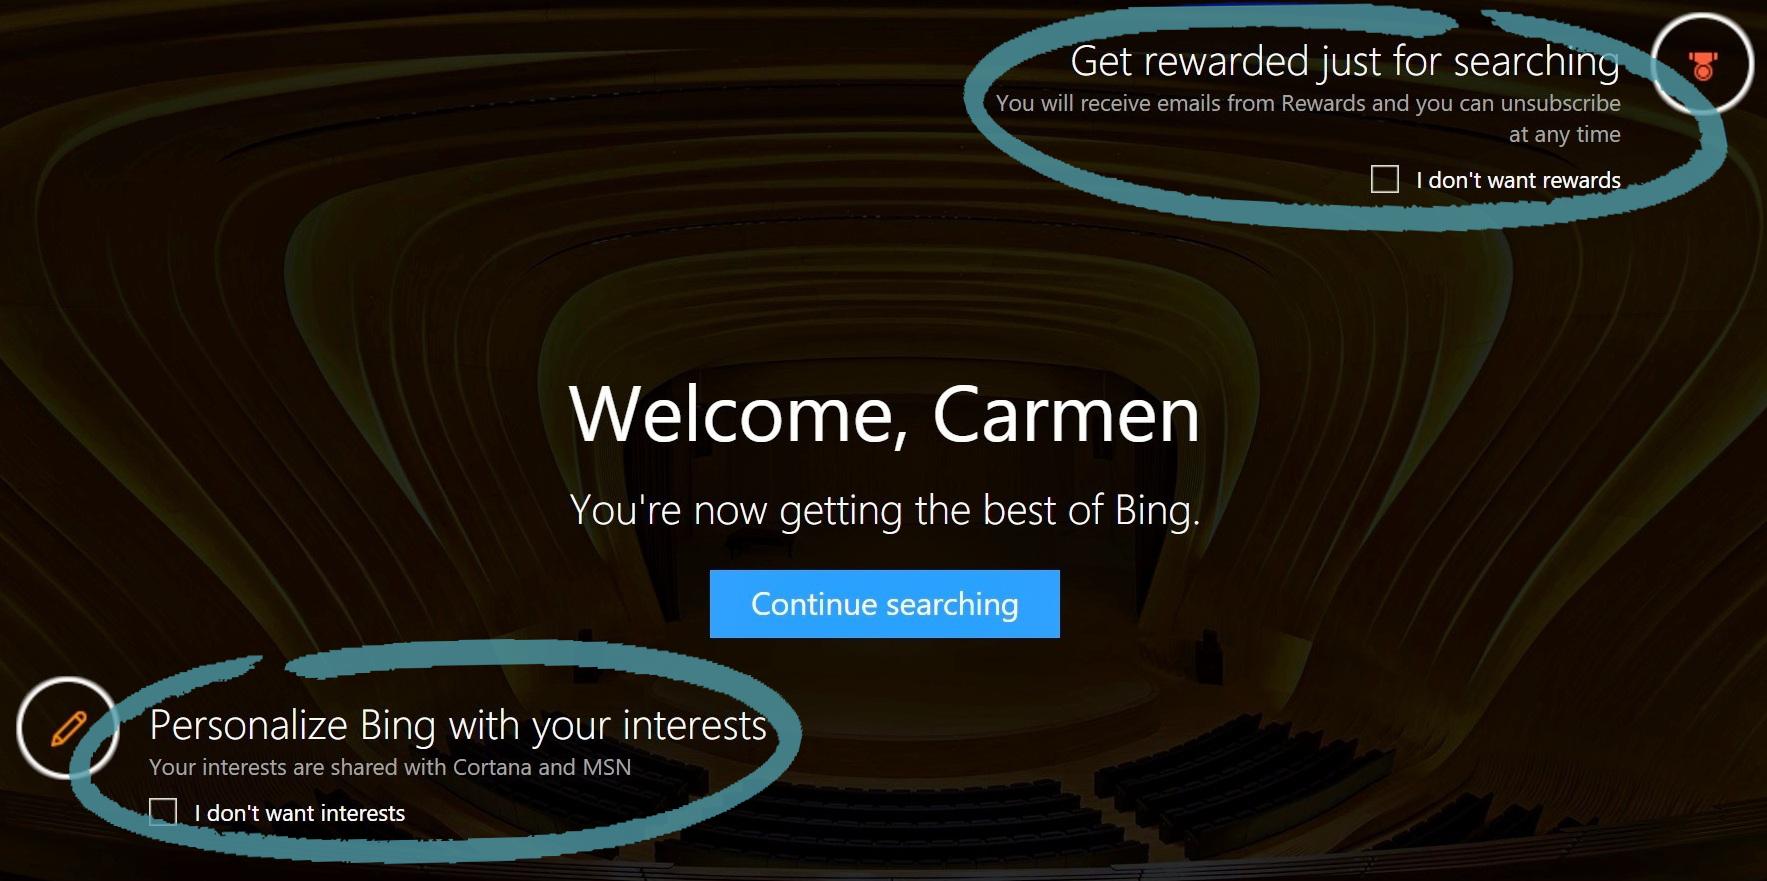 Bing матична страница са сагласношћу за награде и интересовања